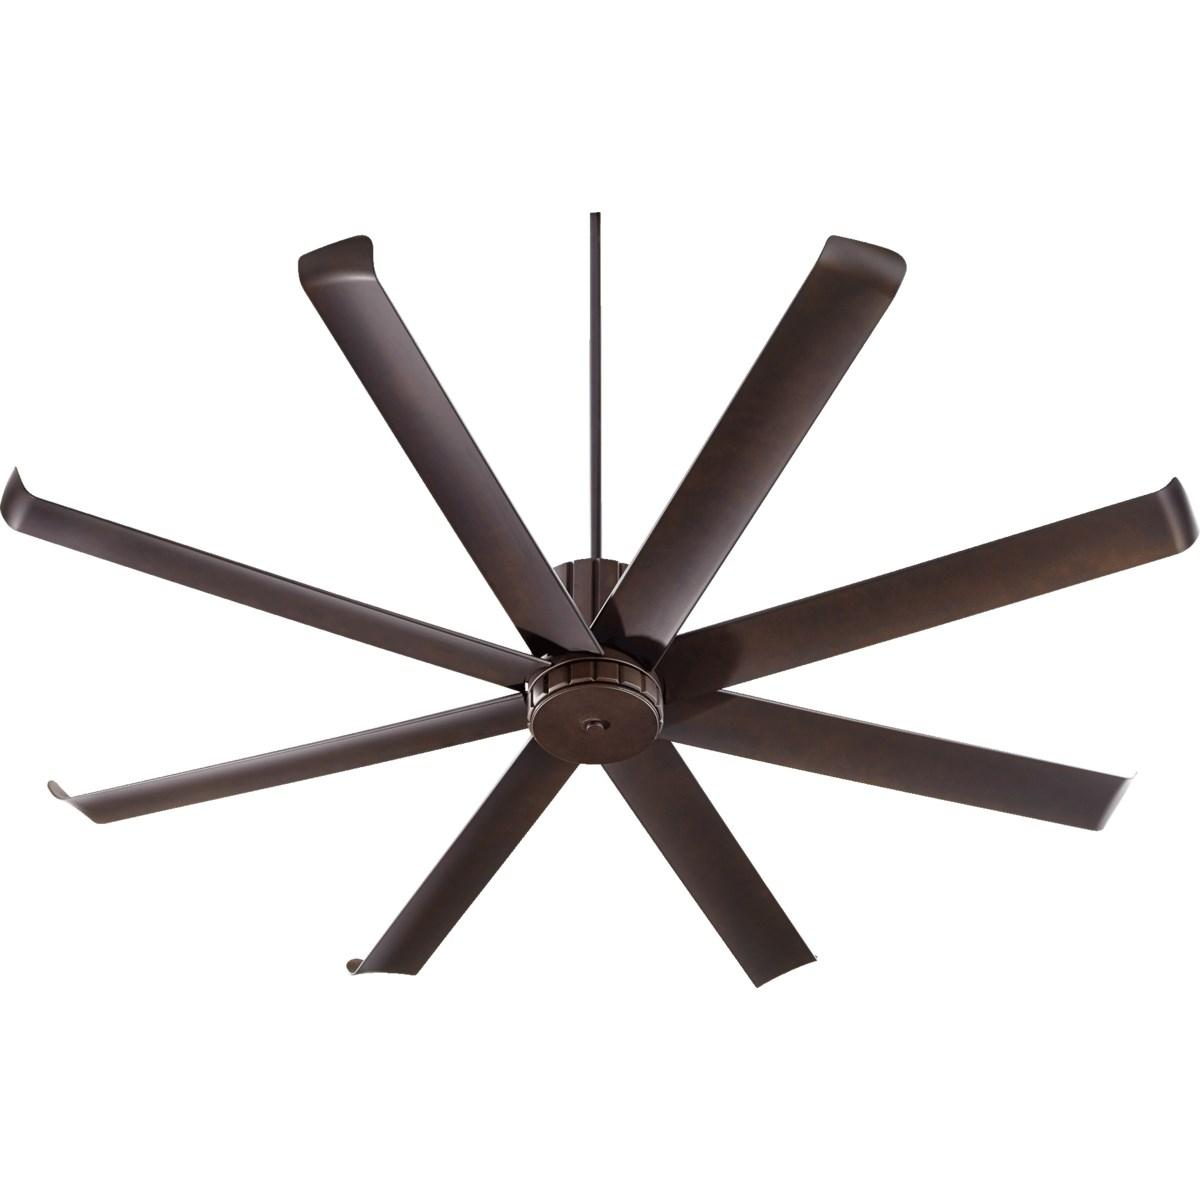 Proxima Patio 72-in Oiled Bronze Indoor/Outdoor Ceiling Fan (8-Blade)